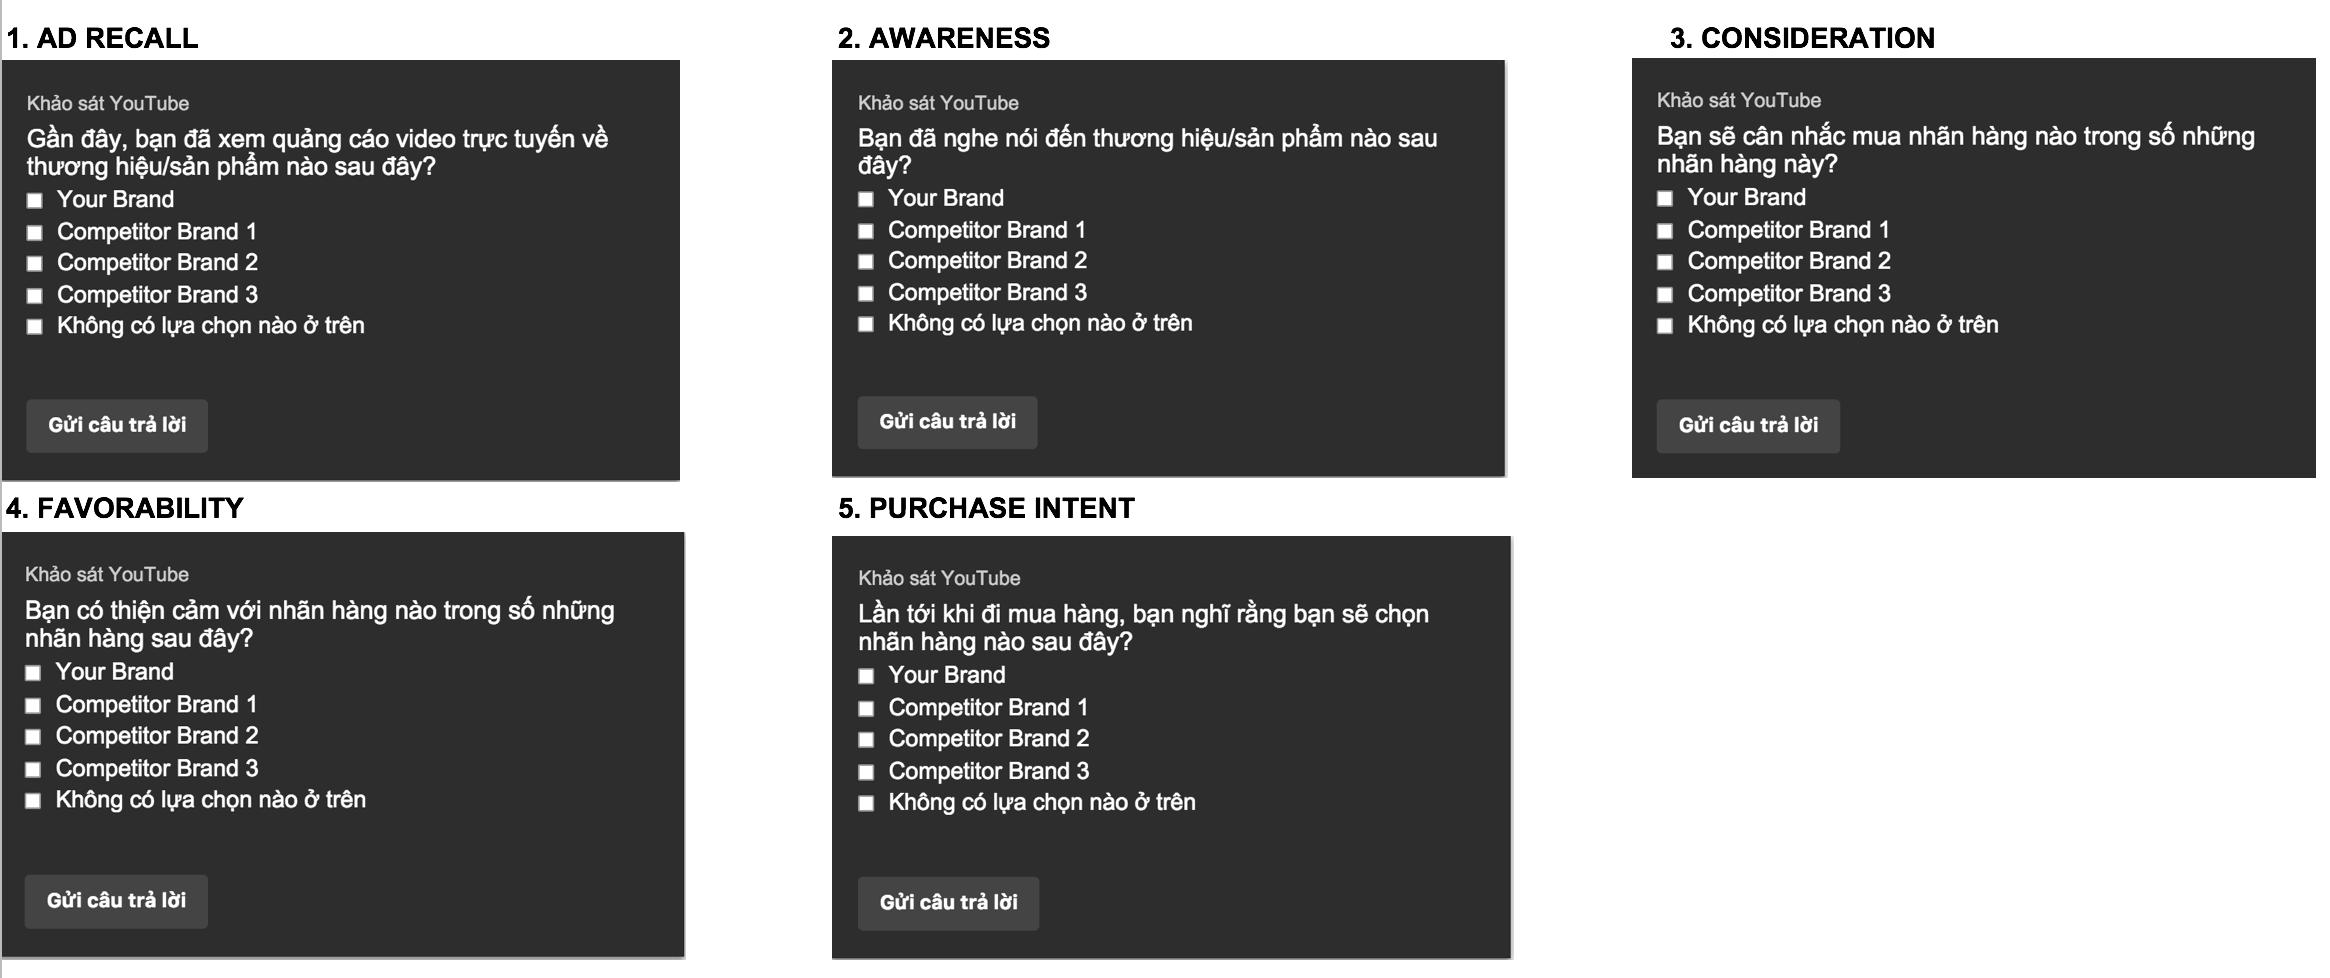 Brand Lift Survey Youtube là gì? và câu hỏi Brand Lift Survey Youtube như thế nào? 2